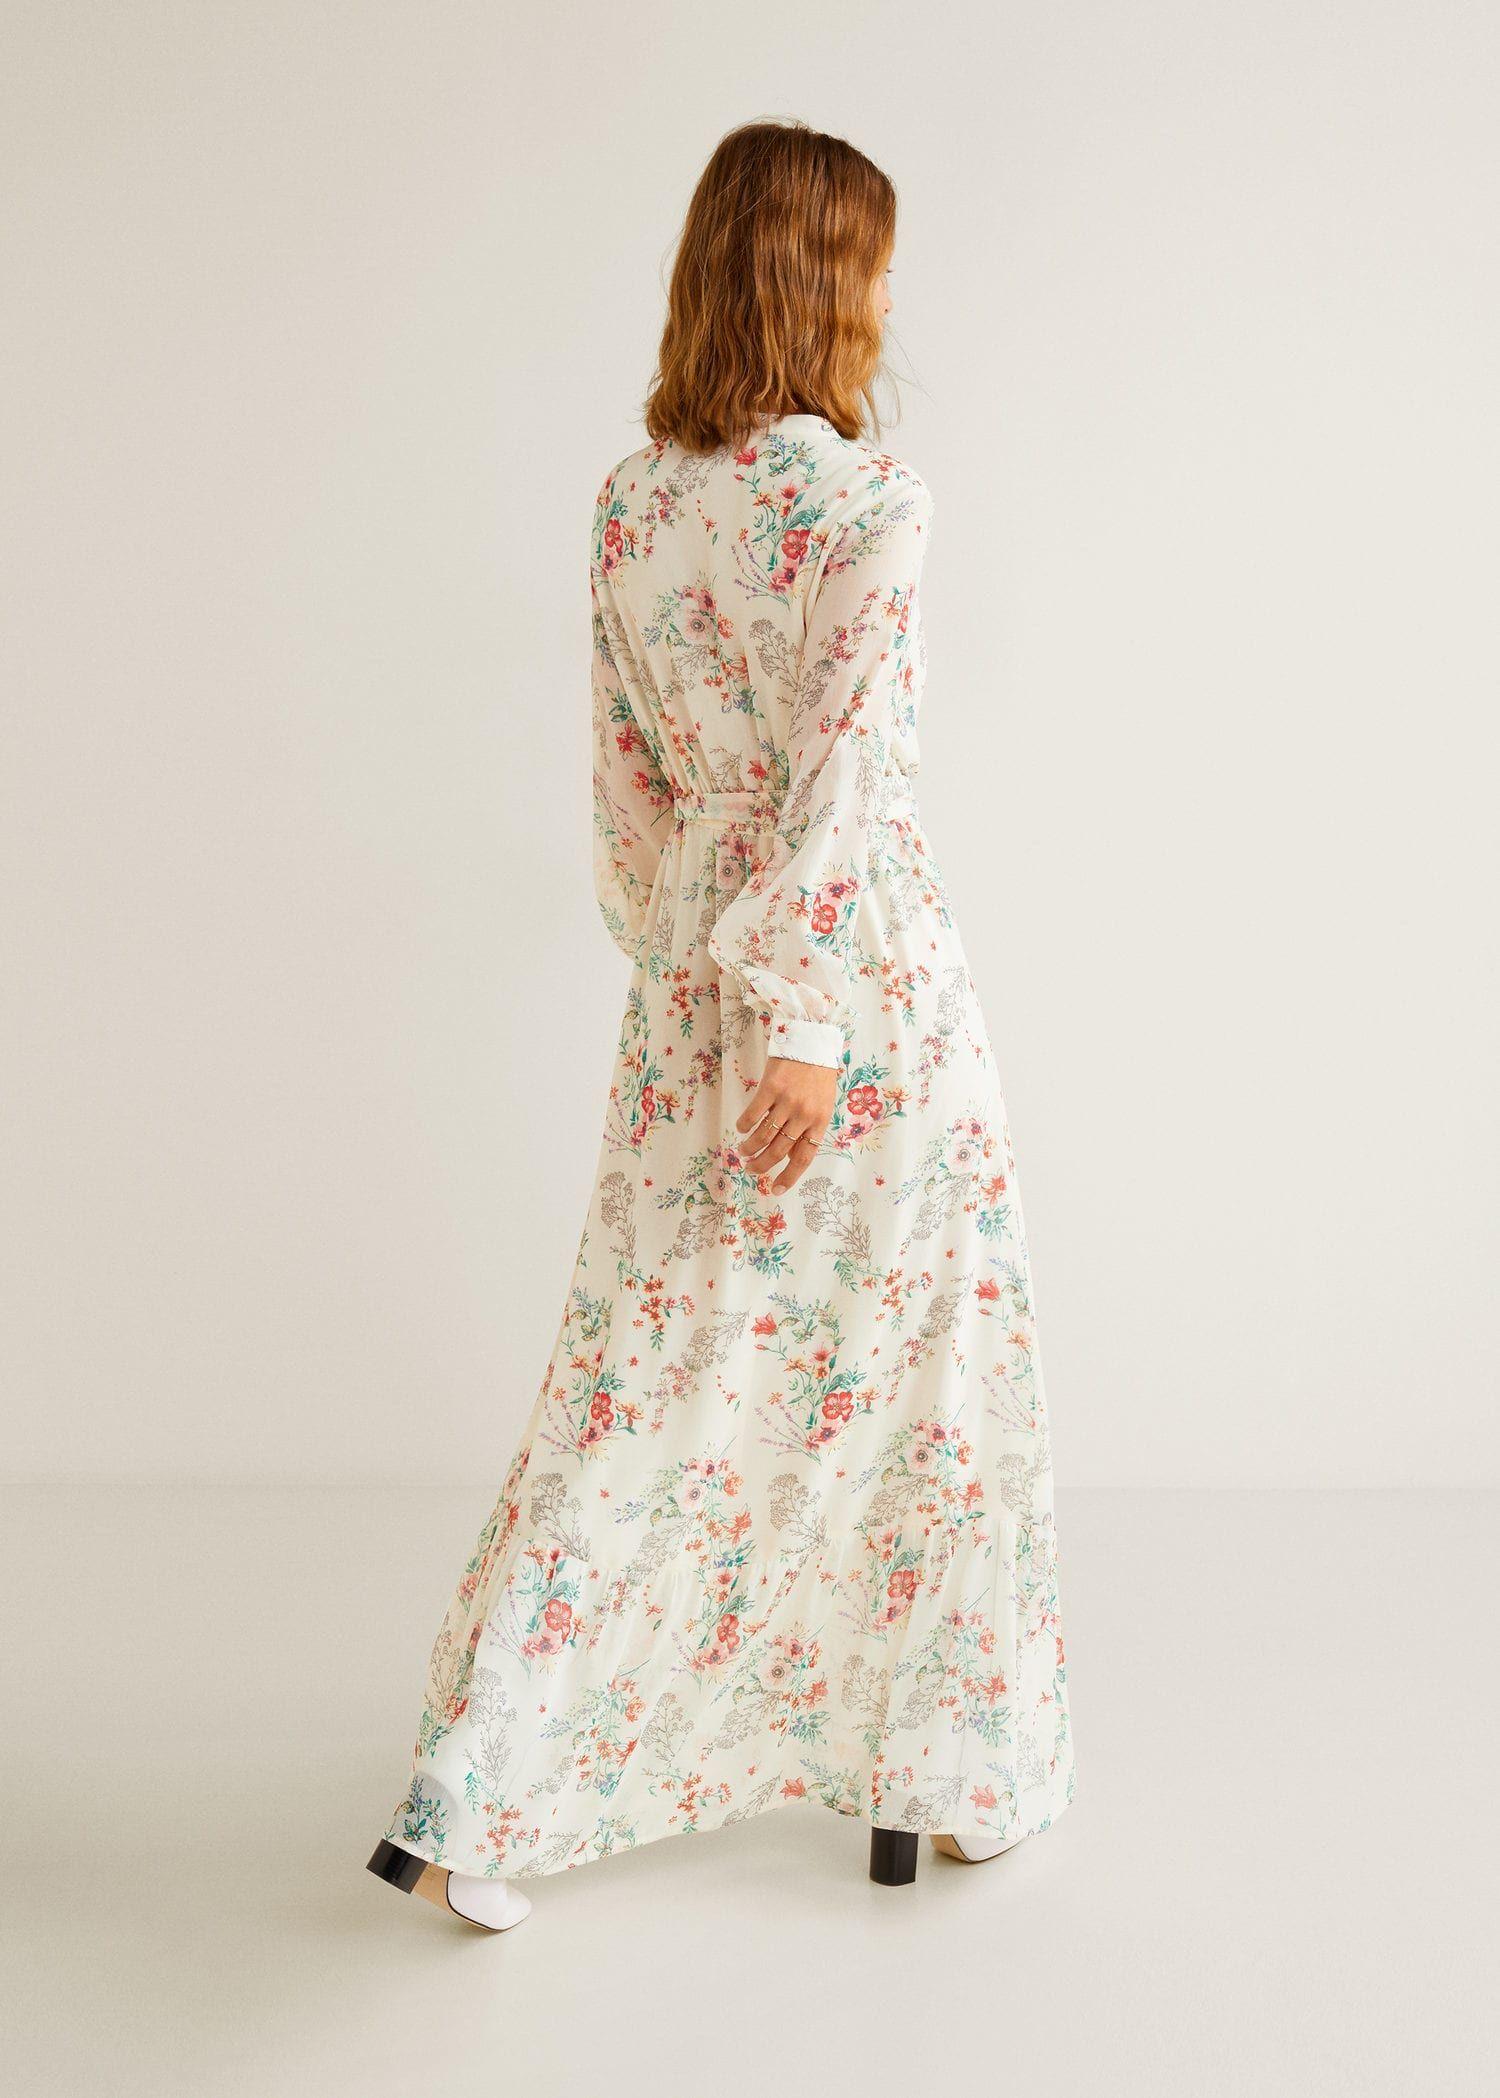 Lange Jurk Met Bloemen Dames Mango Nederland Lange Kleider Kleider Fur Frauen Kleider Damen